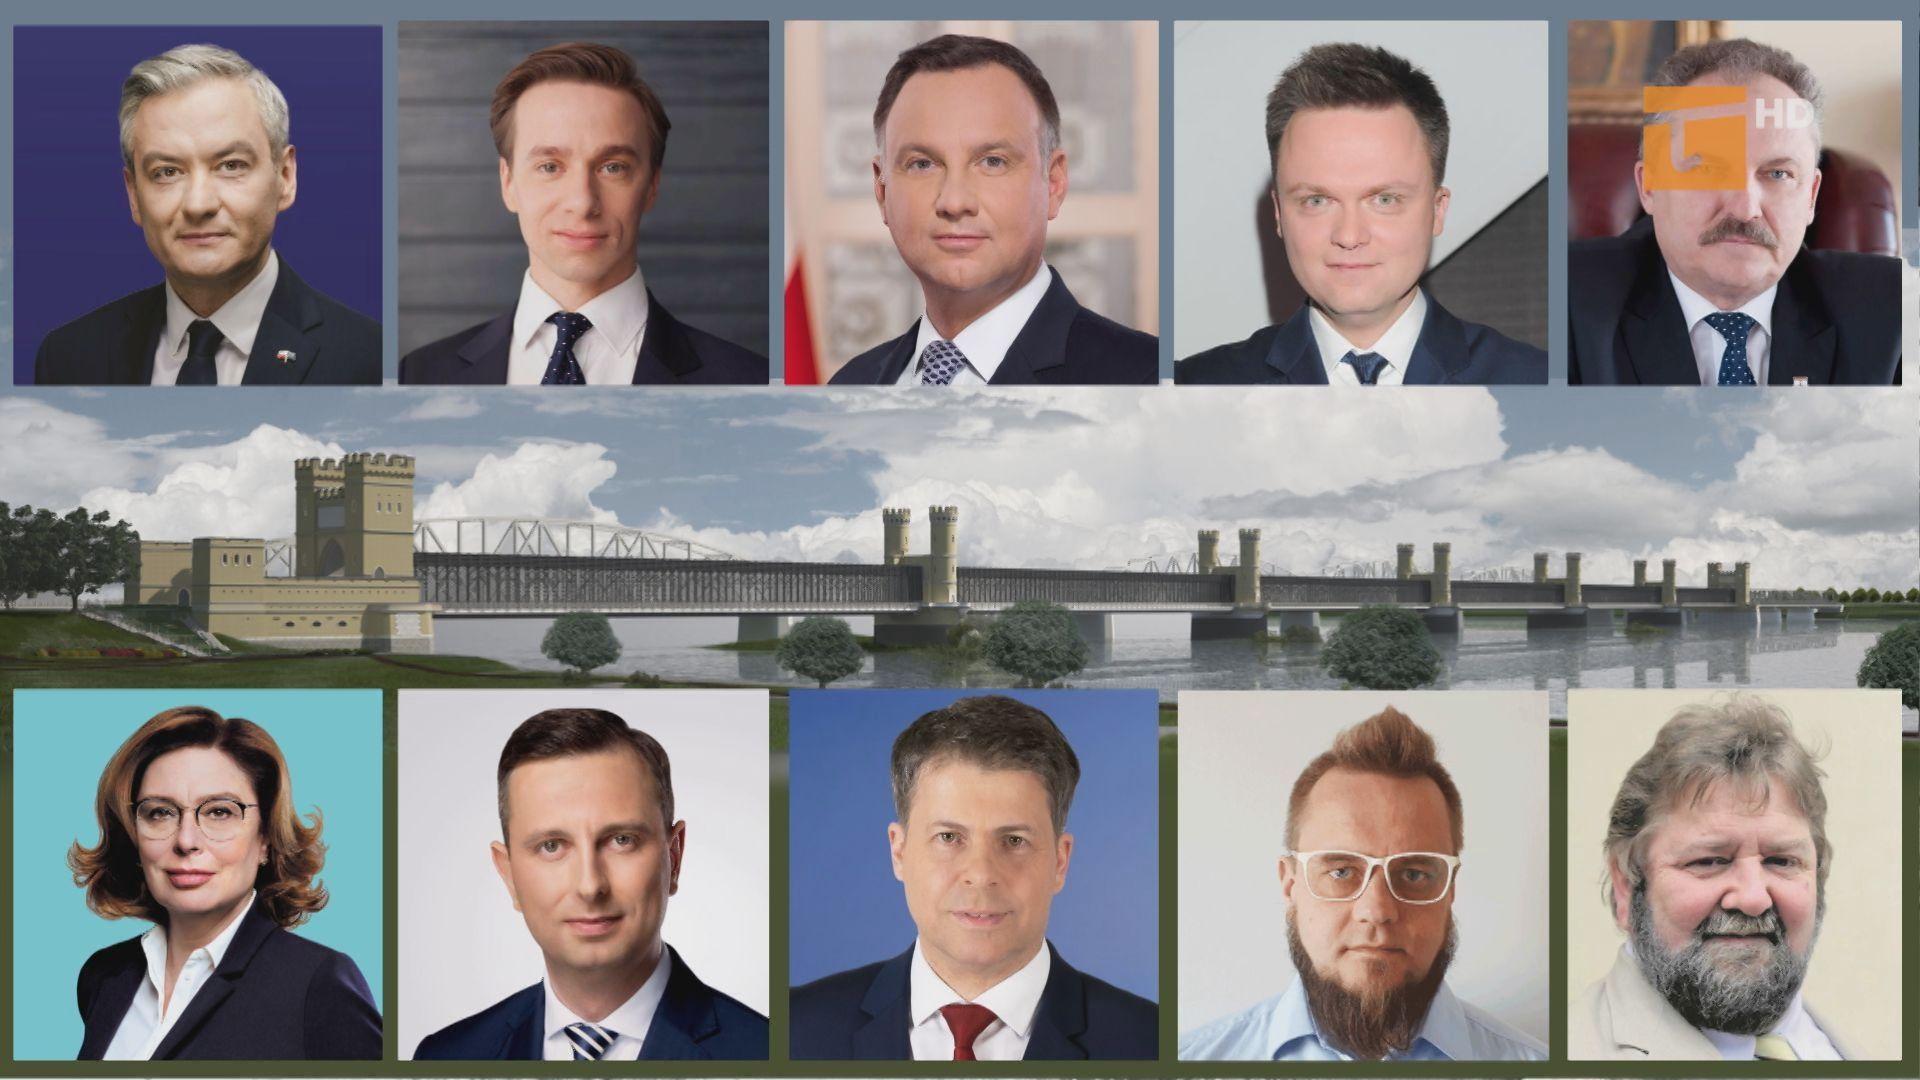 Most połączył kandydatów na prezydenta